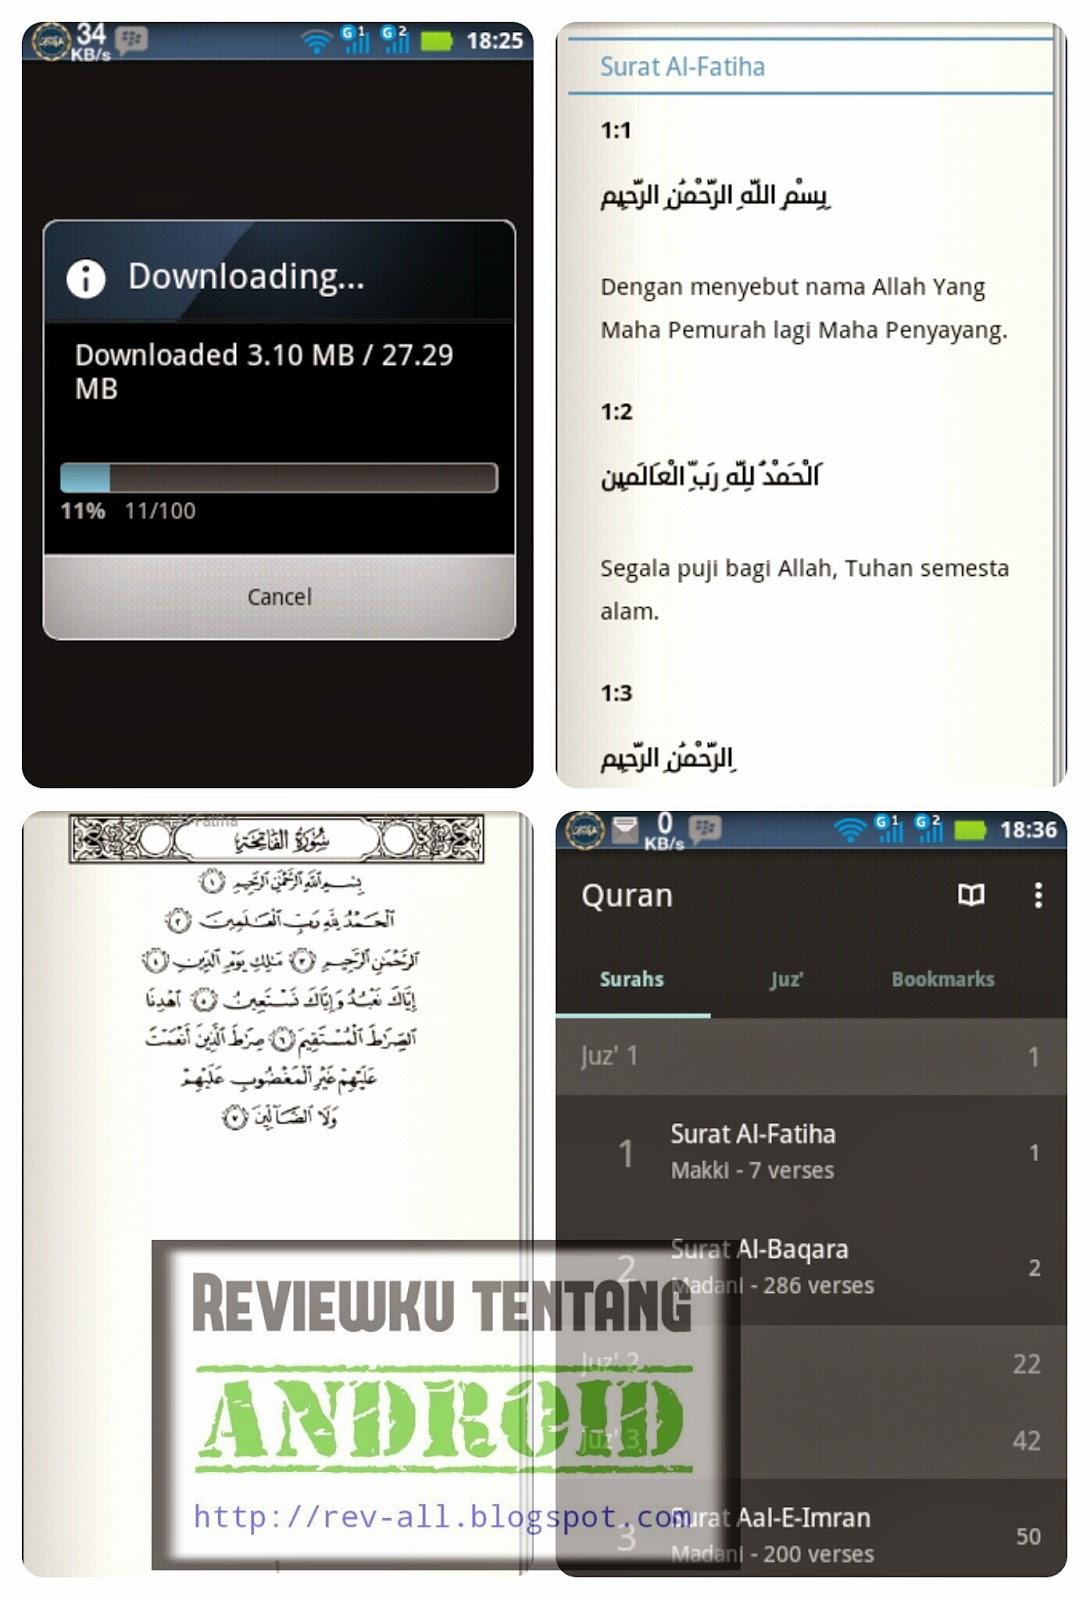 Tampilan aplikasi Quran for Android - aplikasi quran yang bagus untuk tablet (rev-all.blogspot.com)